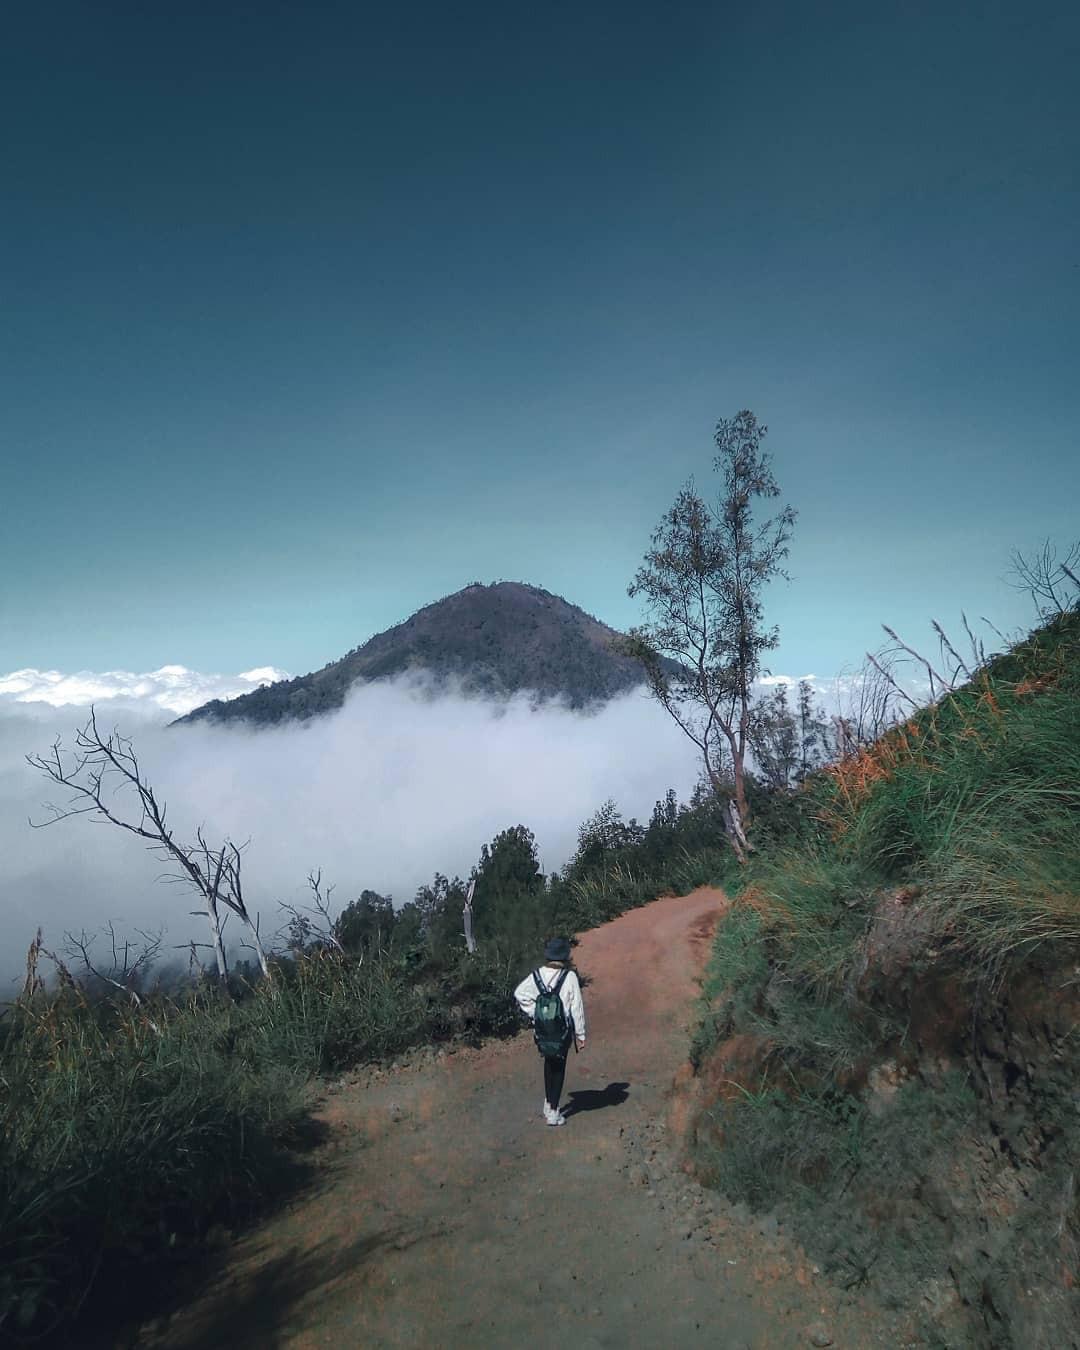 Đã mắt với hành trình chinh phục miệng núi lửa nổi tiếng nhất Indonesia của blogger du lịch đến từ Sài Gòn - Ảnh 8.